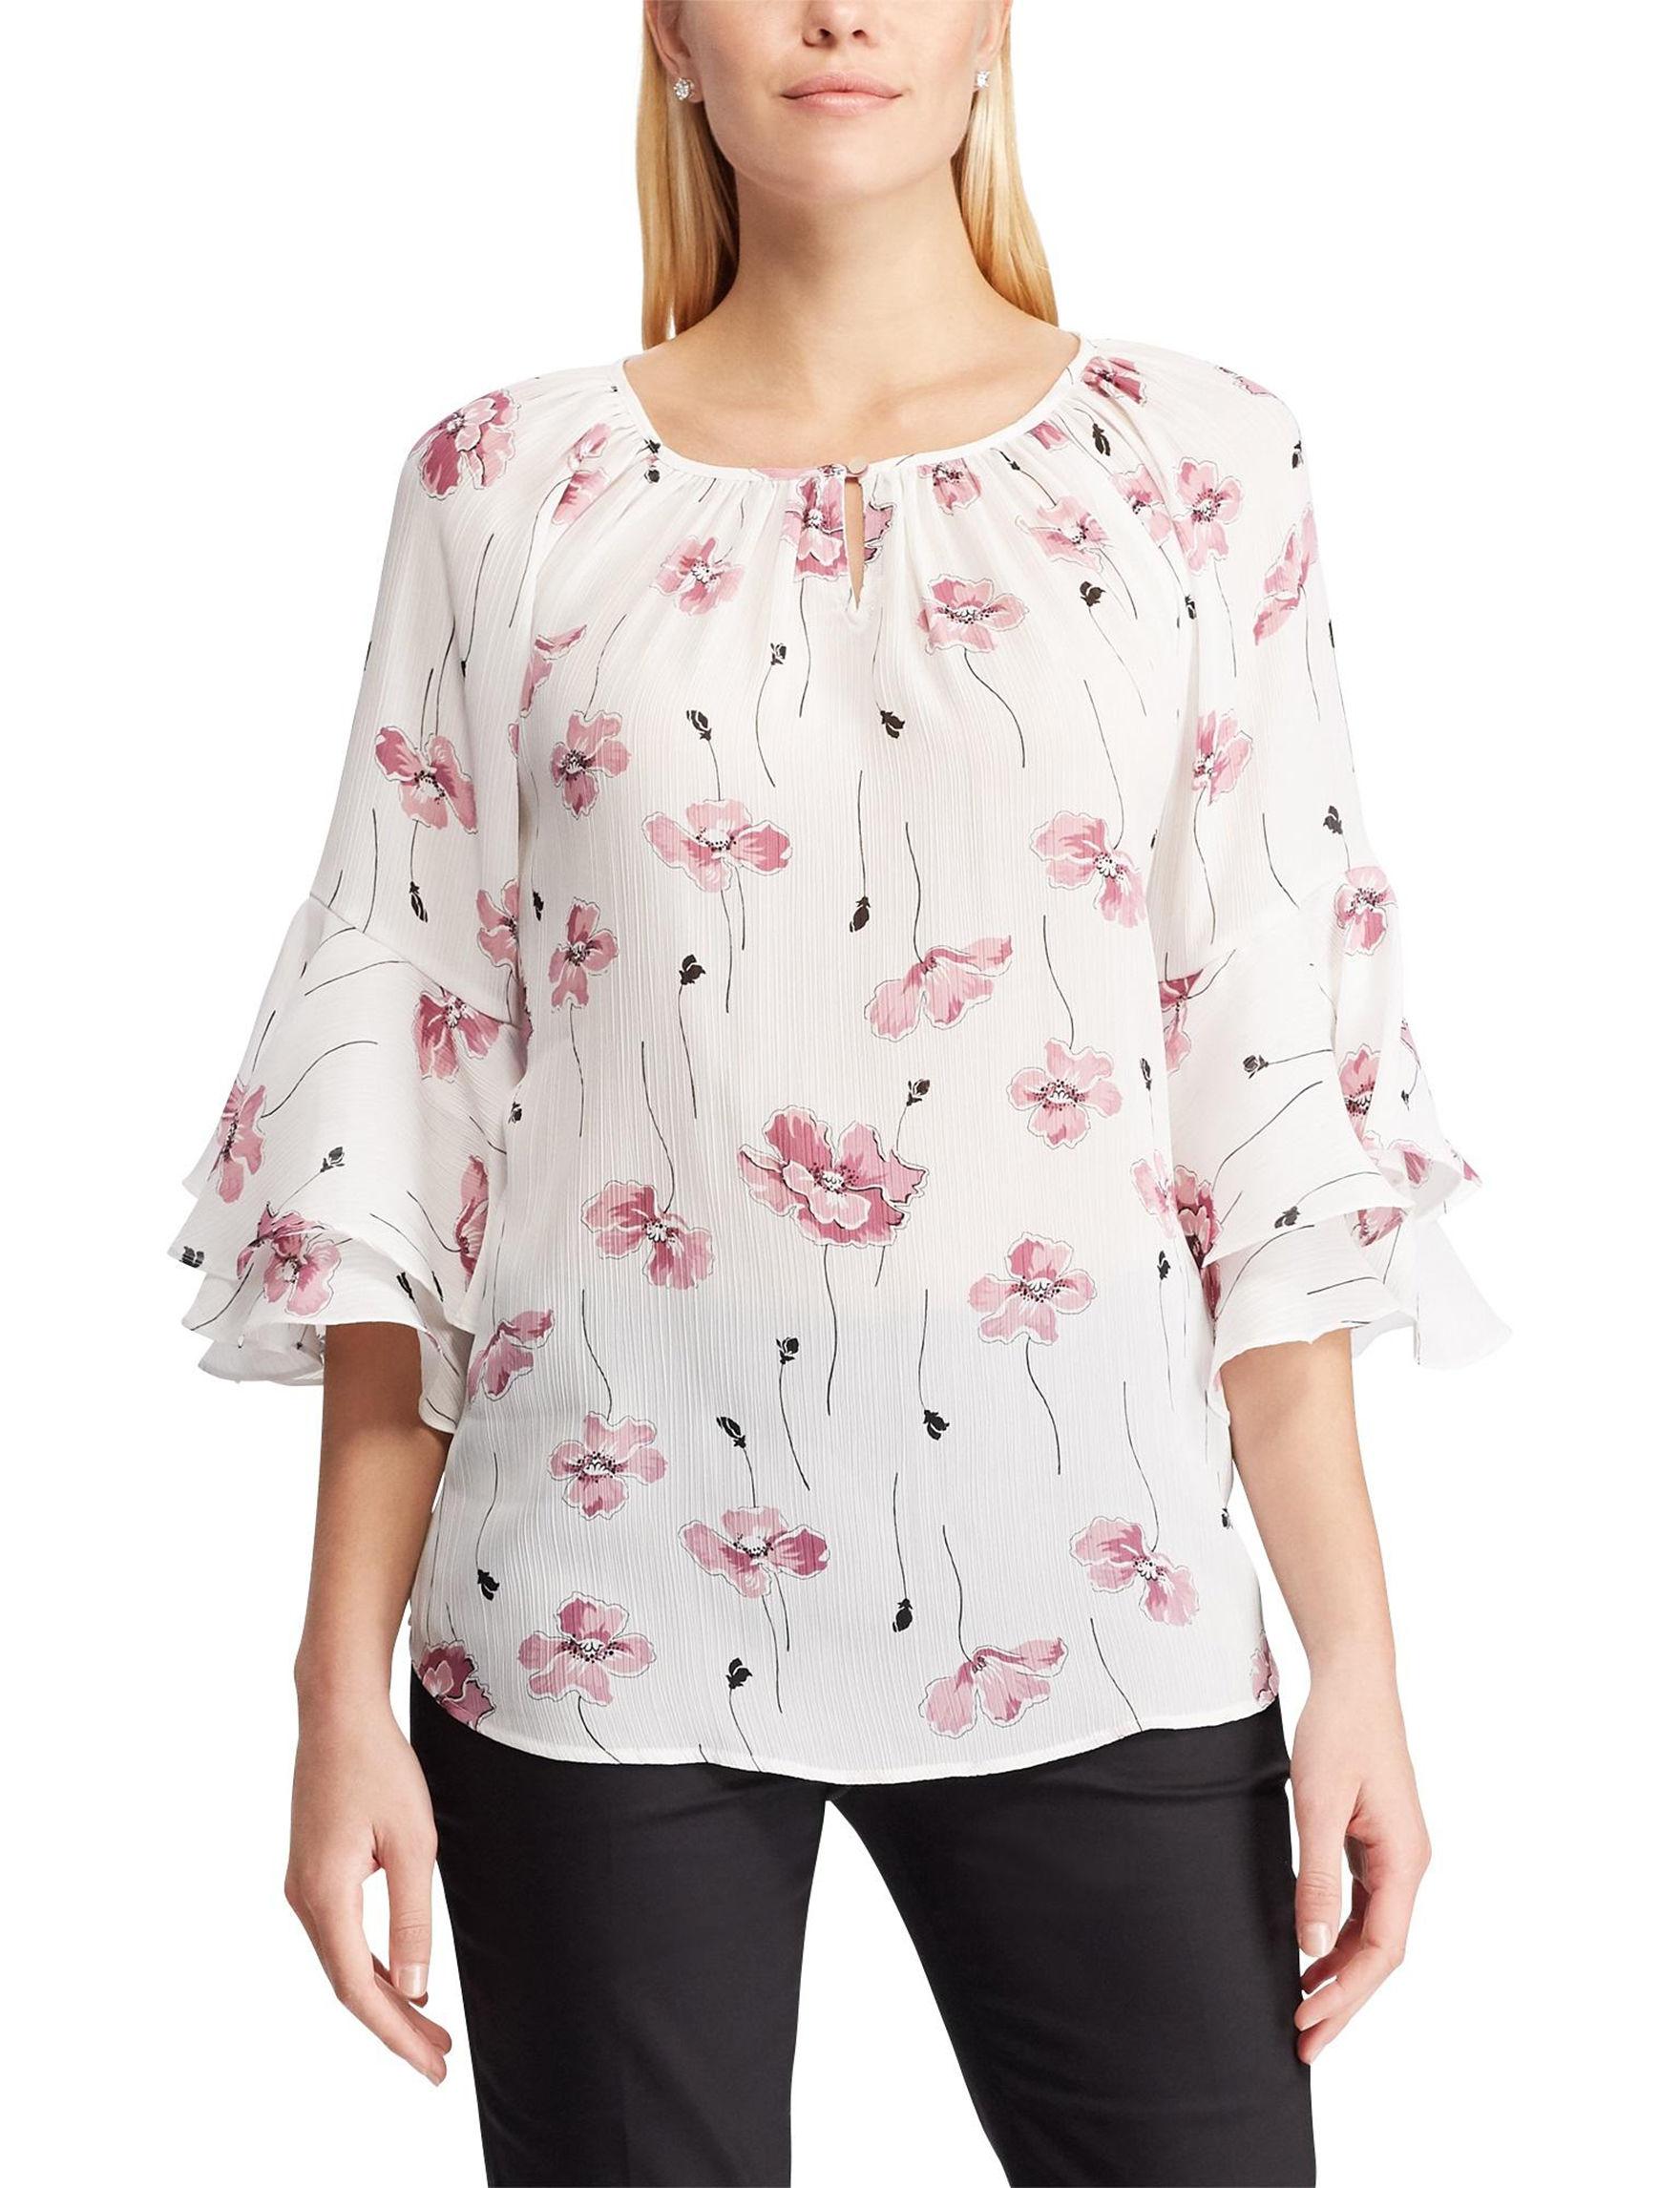 Chaps Beige Floral Shirts & Blouses